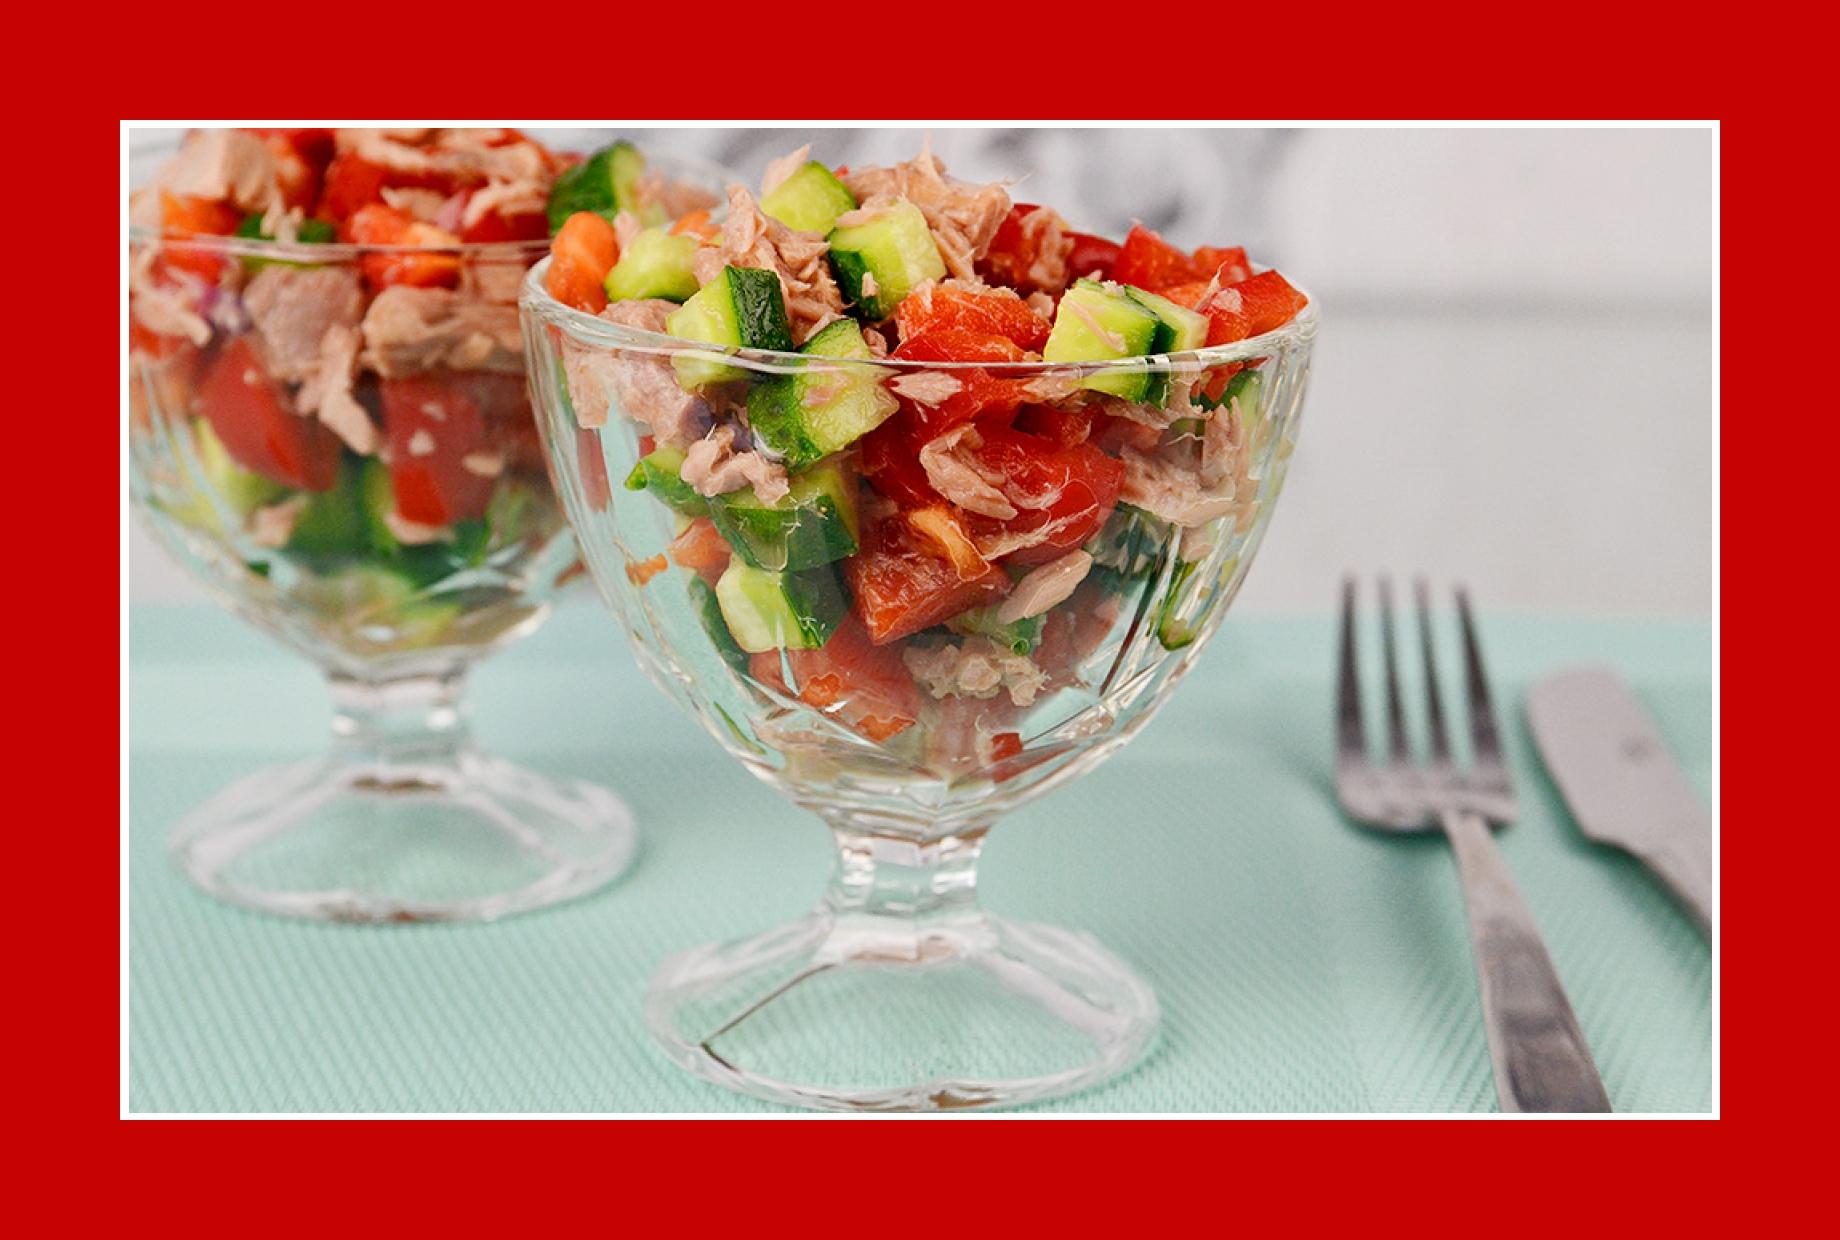 Erfrischender Thunfischsalat mit Salatgurken und Paprika